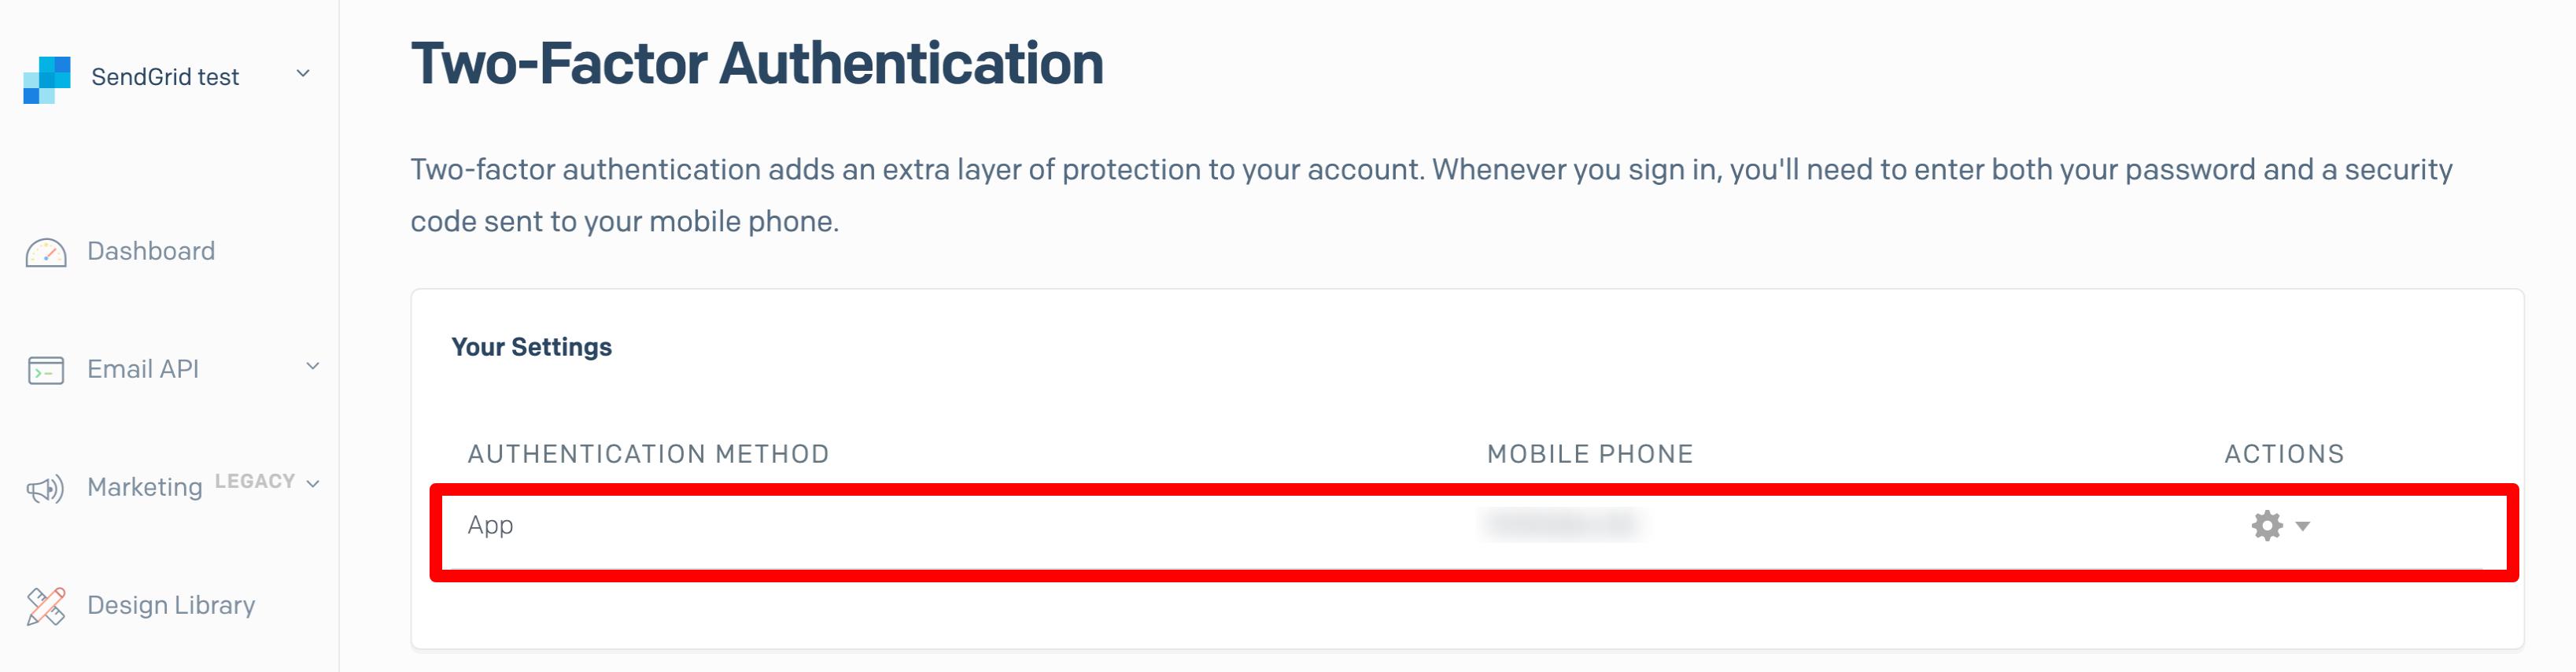 「App」と電話番号が表示された行が追加